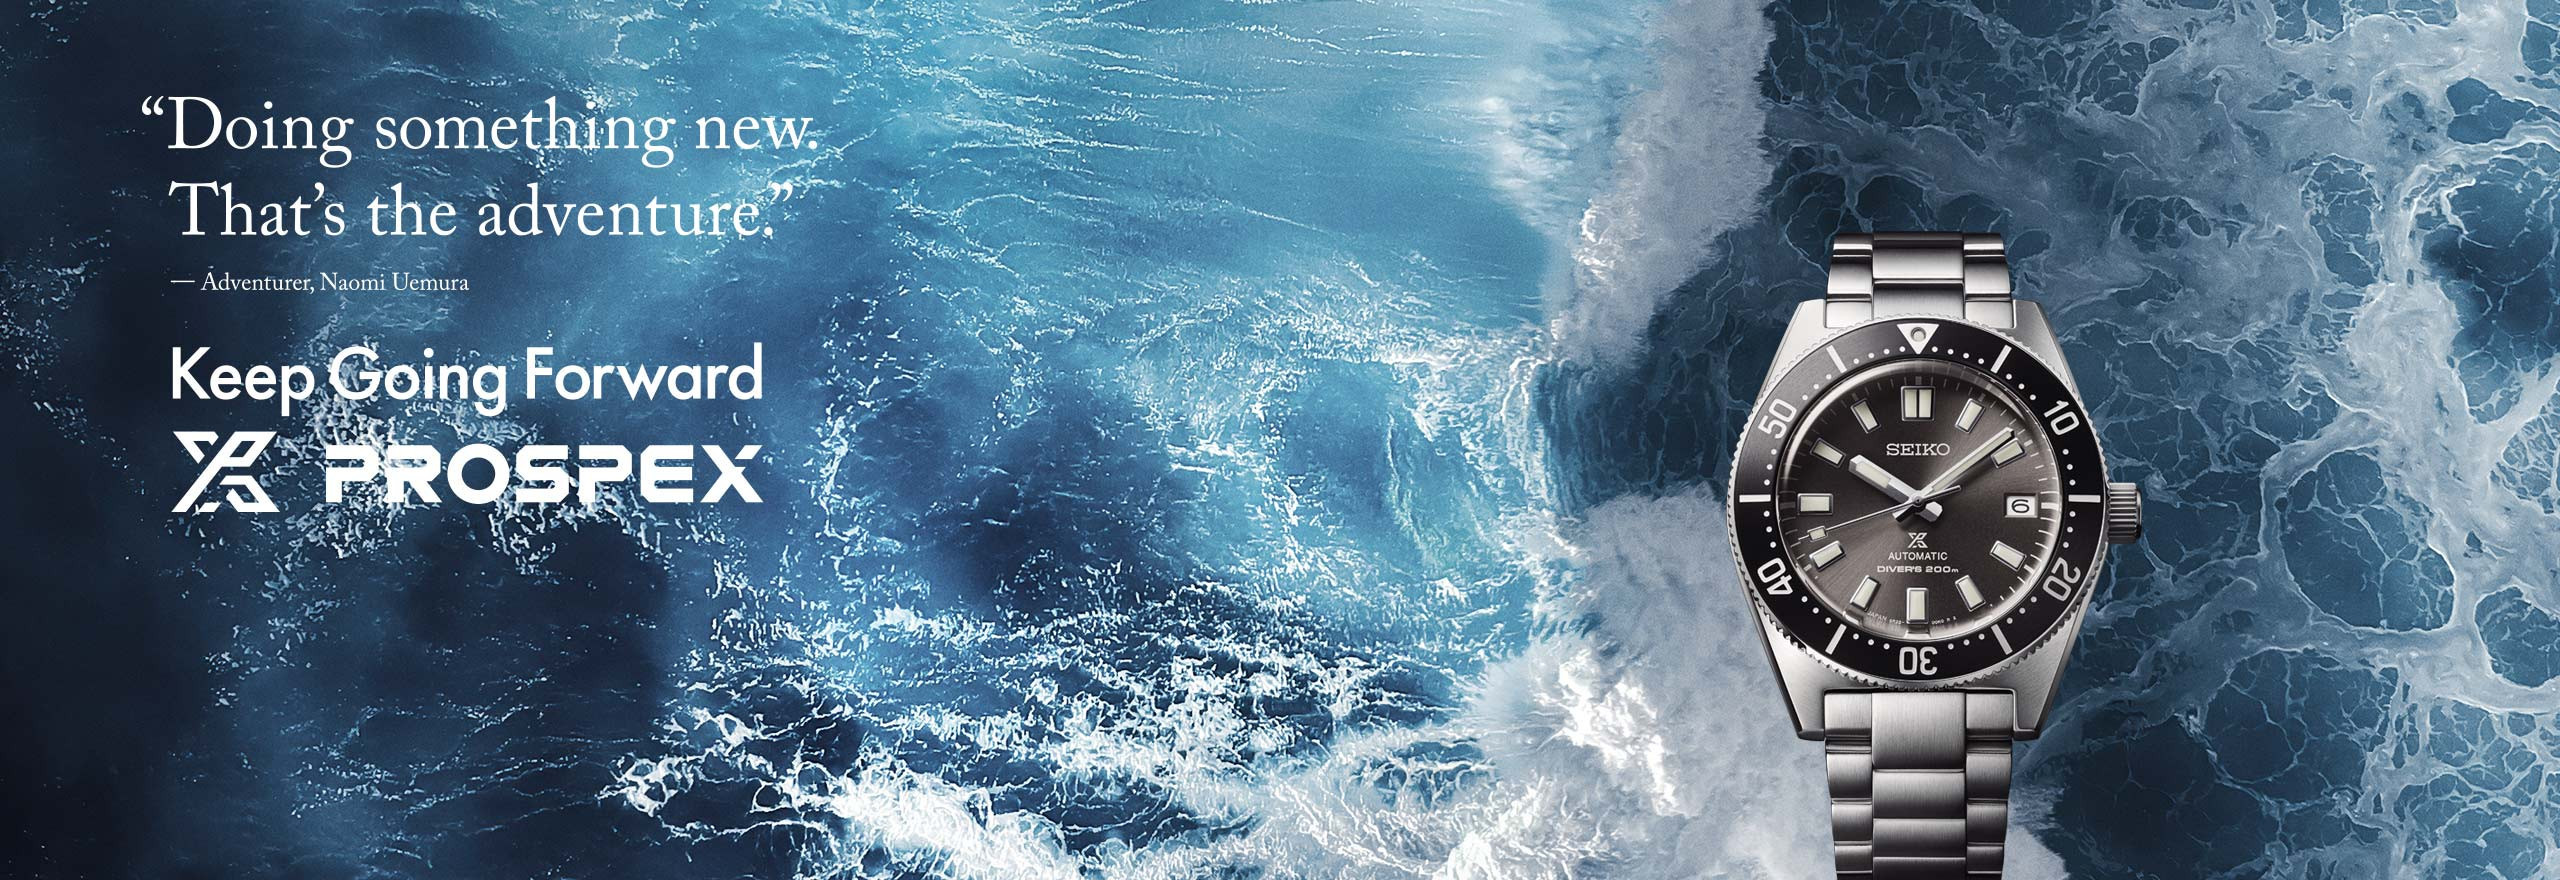 Relojes Seiko Prospex. Seiko Boutique Tienda Online Oficial